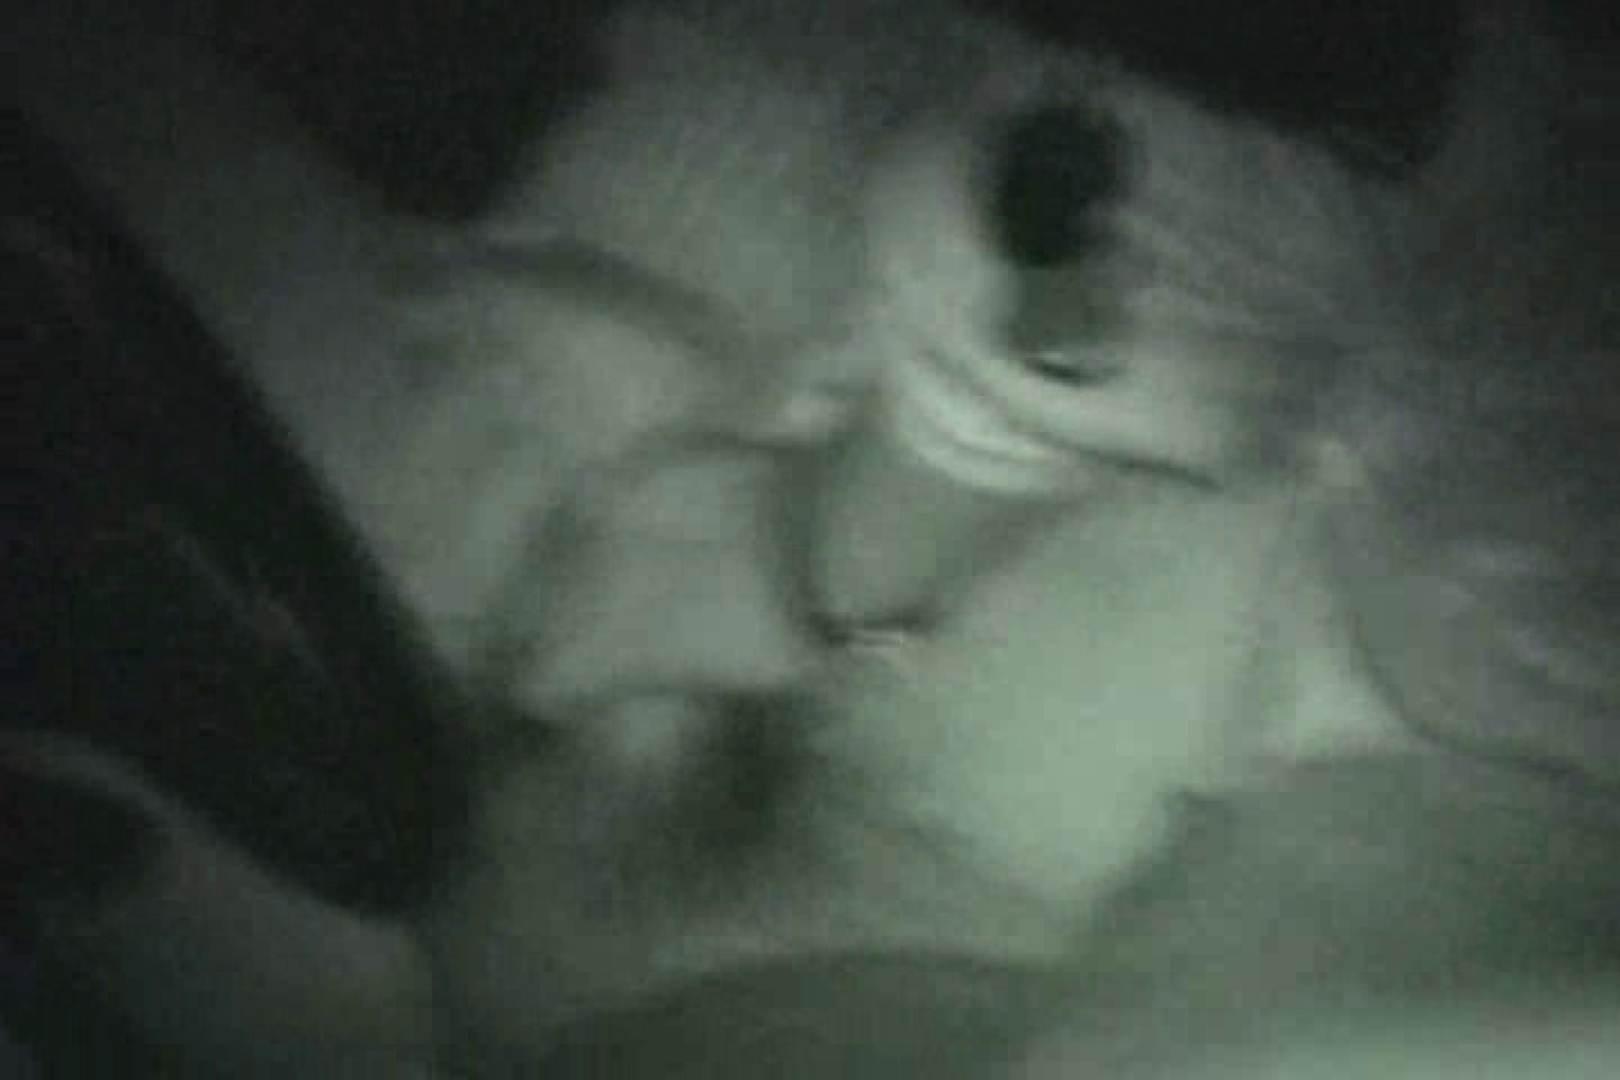 蔵出し!!赤外線カーセックスVol.24 赤外線 盗み撮りAV無料動画キャプチャ 93画像 17